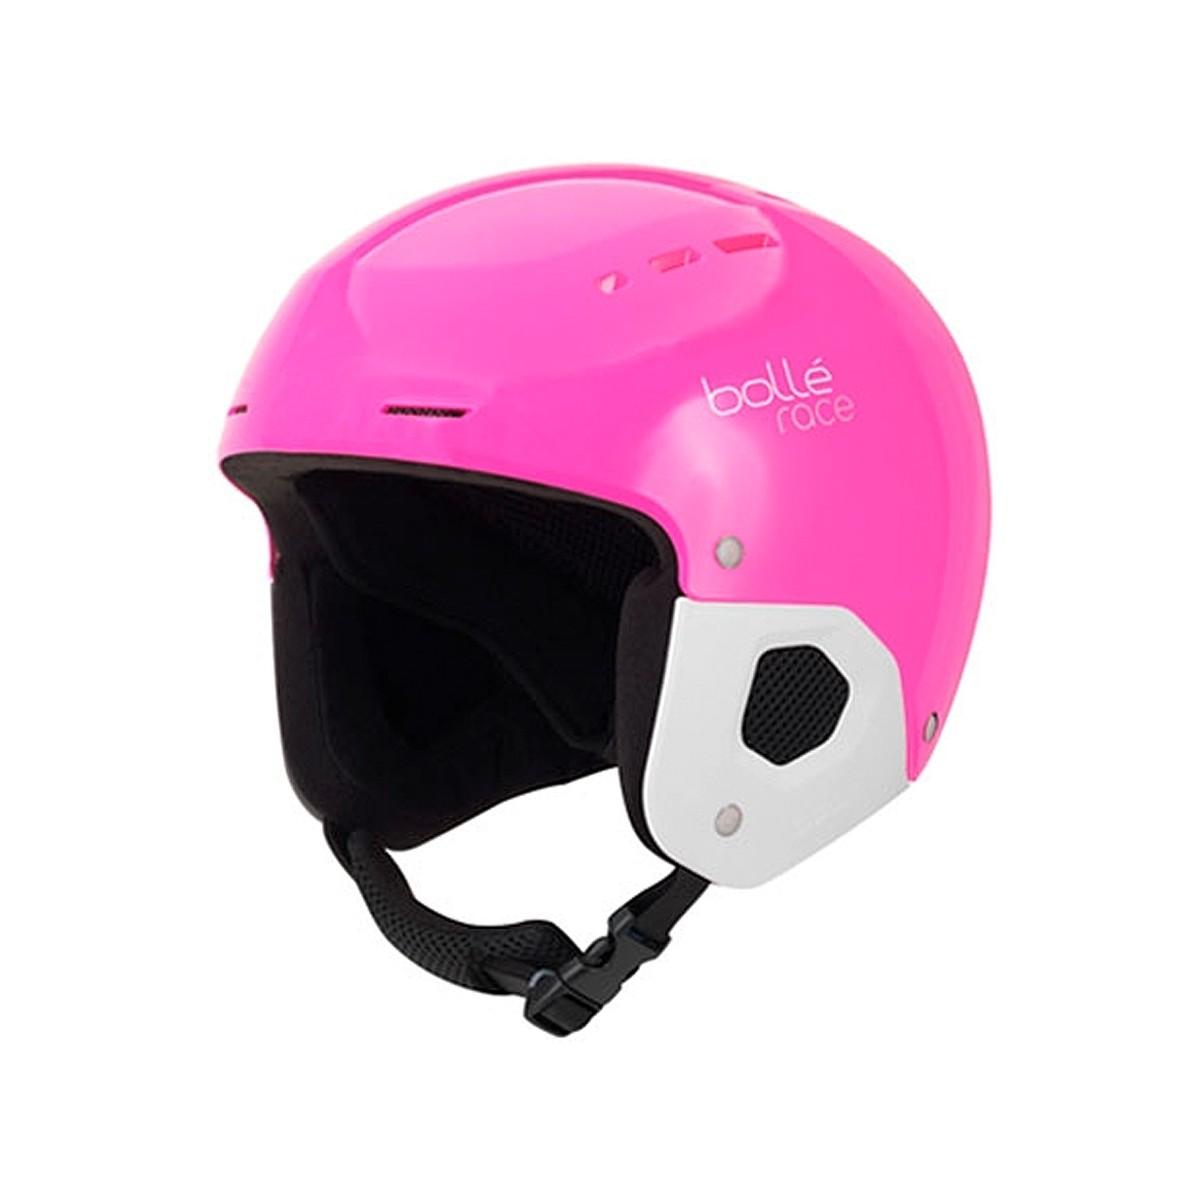 Casco sci Bollé Quickster (Colore: rosa-bianco, Taglia: 52/55)